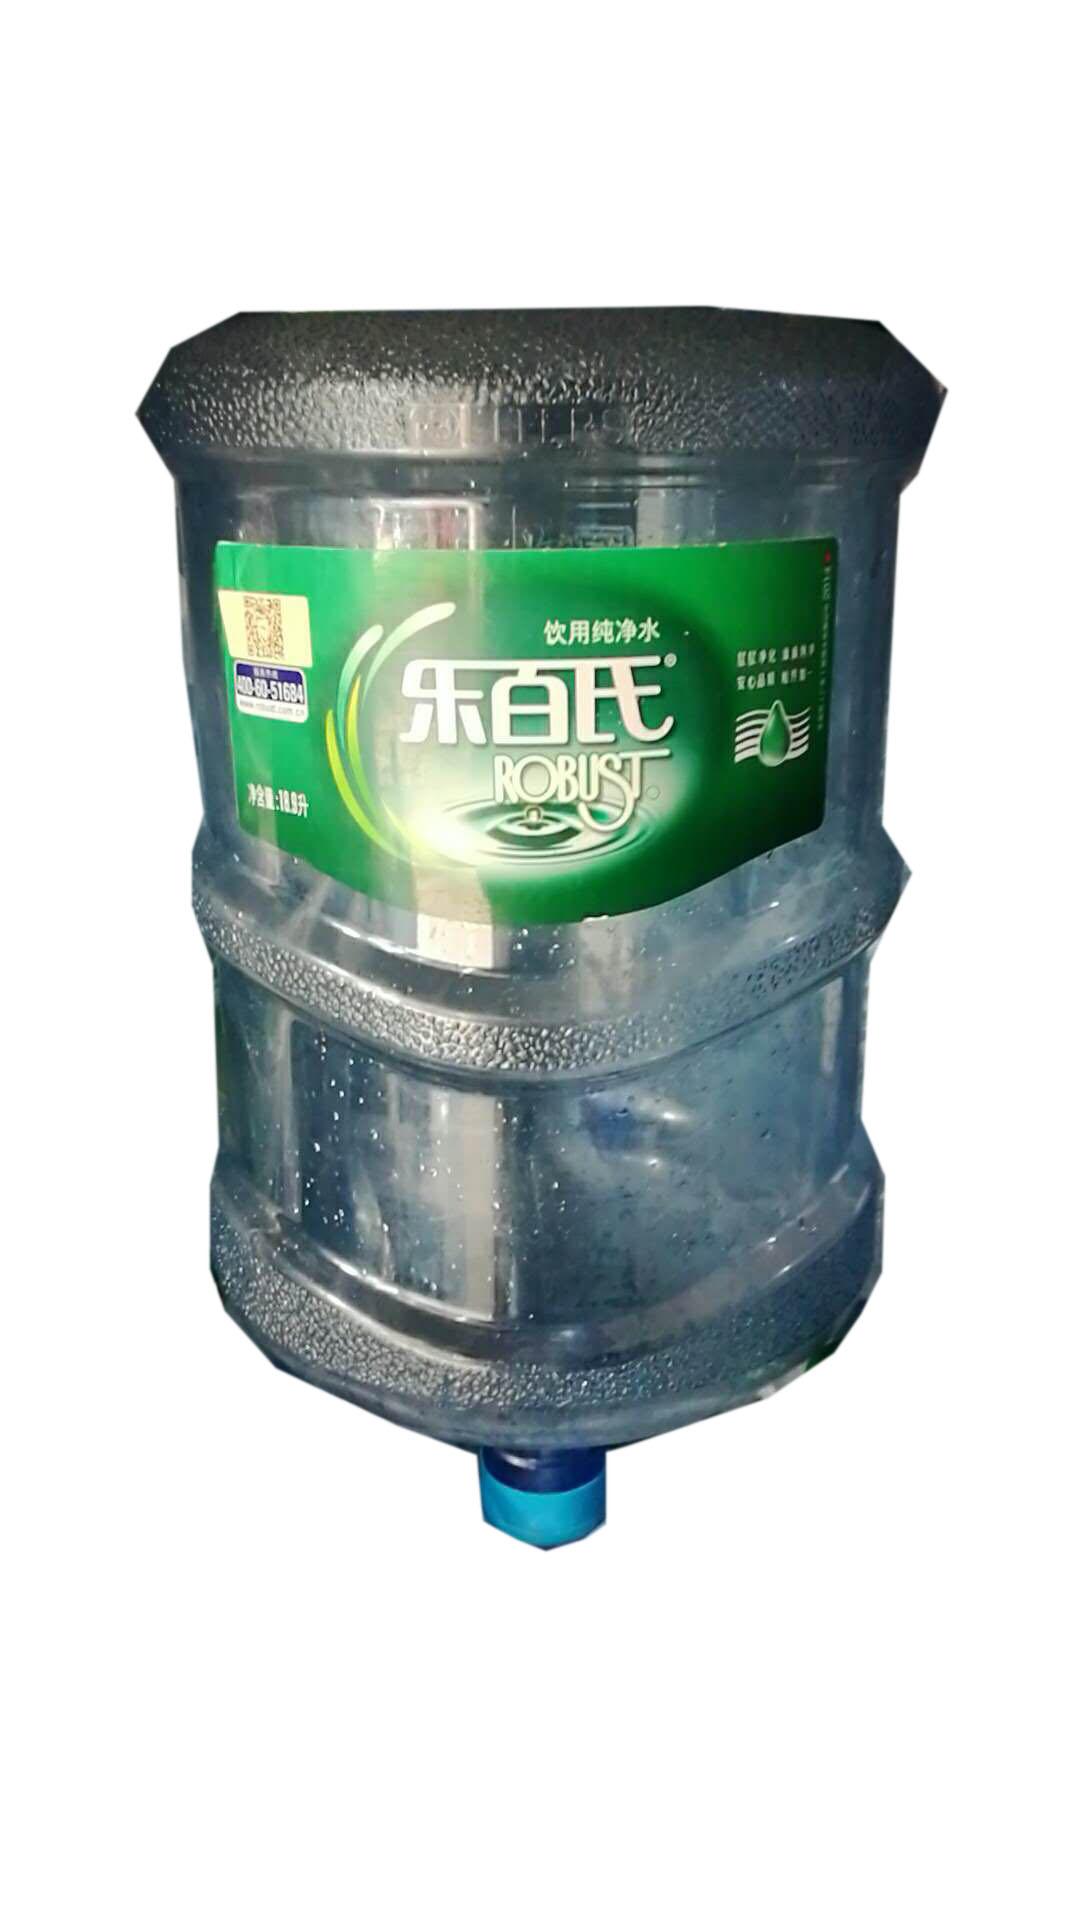 渝北饮用水乐百氏桶装水价格表